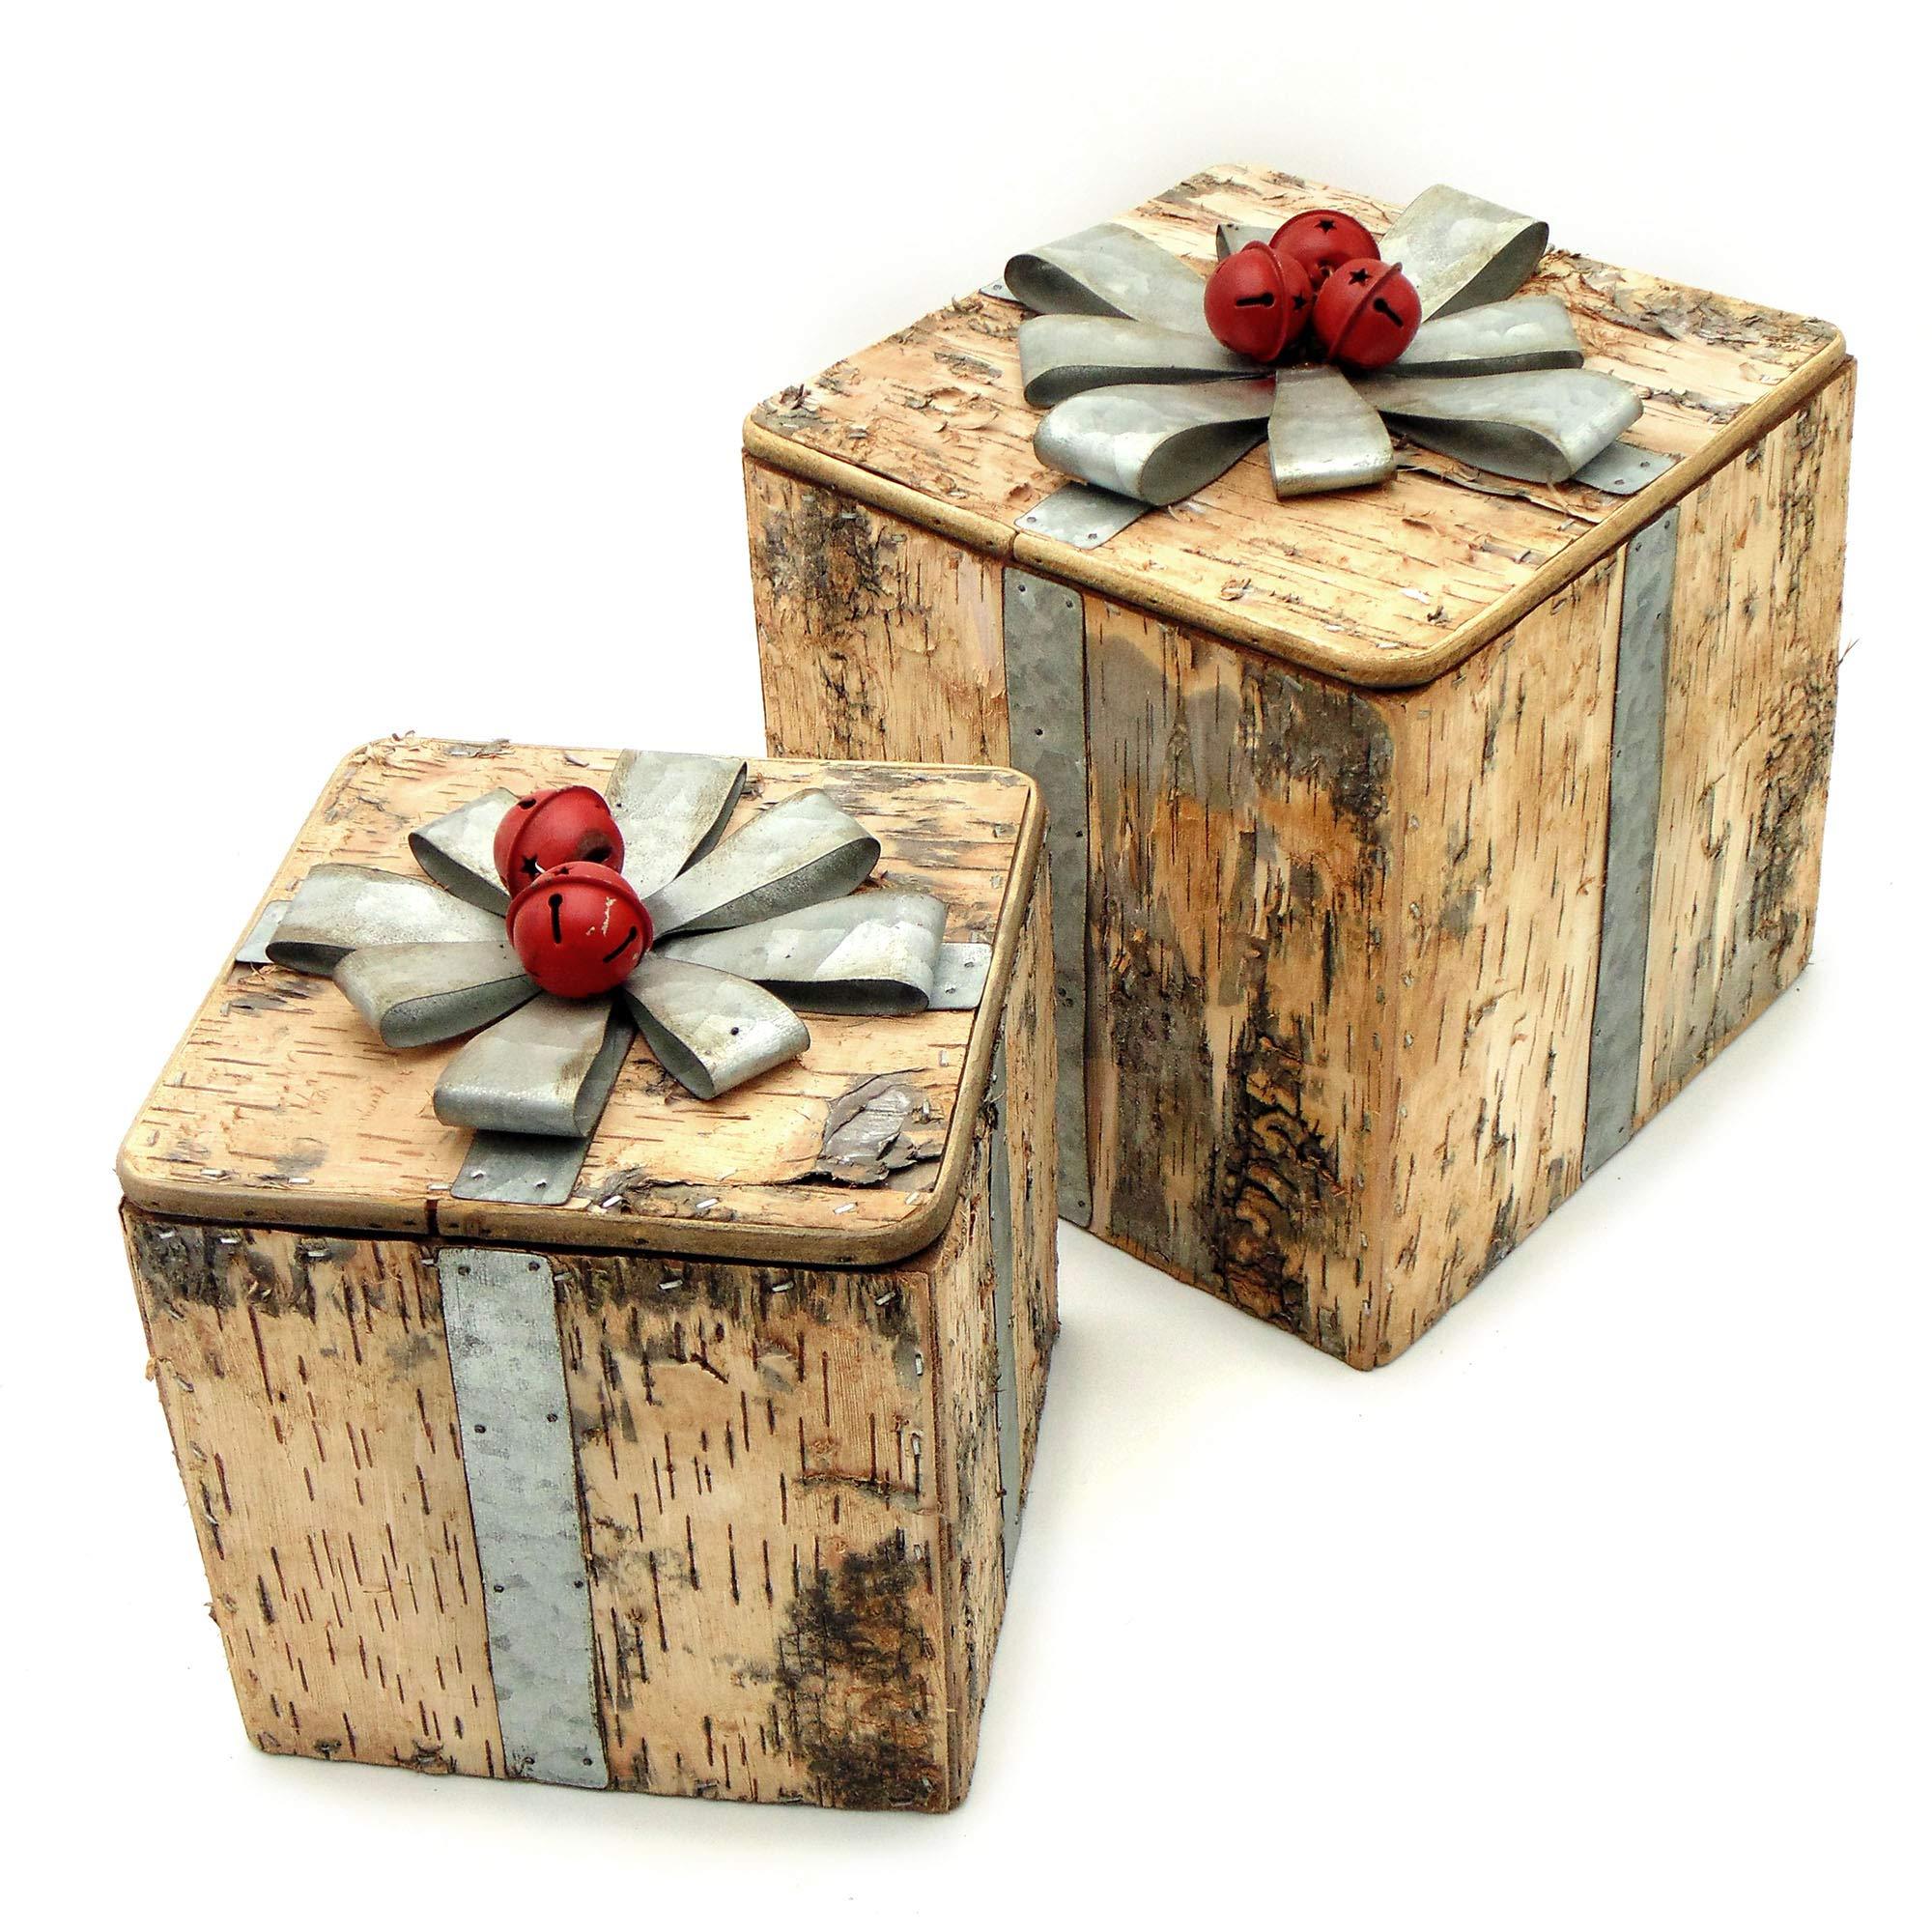 Angelica Home & Country Caja Decorativa para árbol de Navidad, Decoración de Navidad, Decoración Navideña, Decoración para árbol de Navidad Vintage Navidad - Arco - 21x21 Madera/Metal: Amazon.es: Hogar